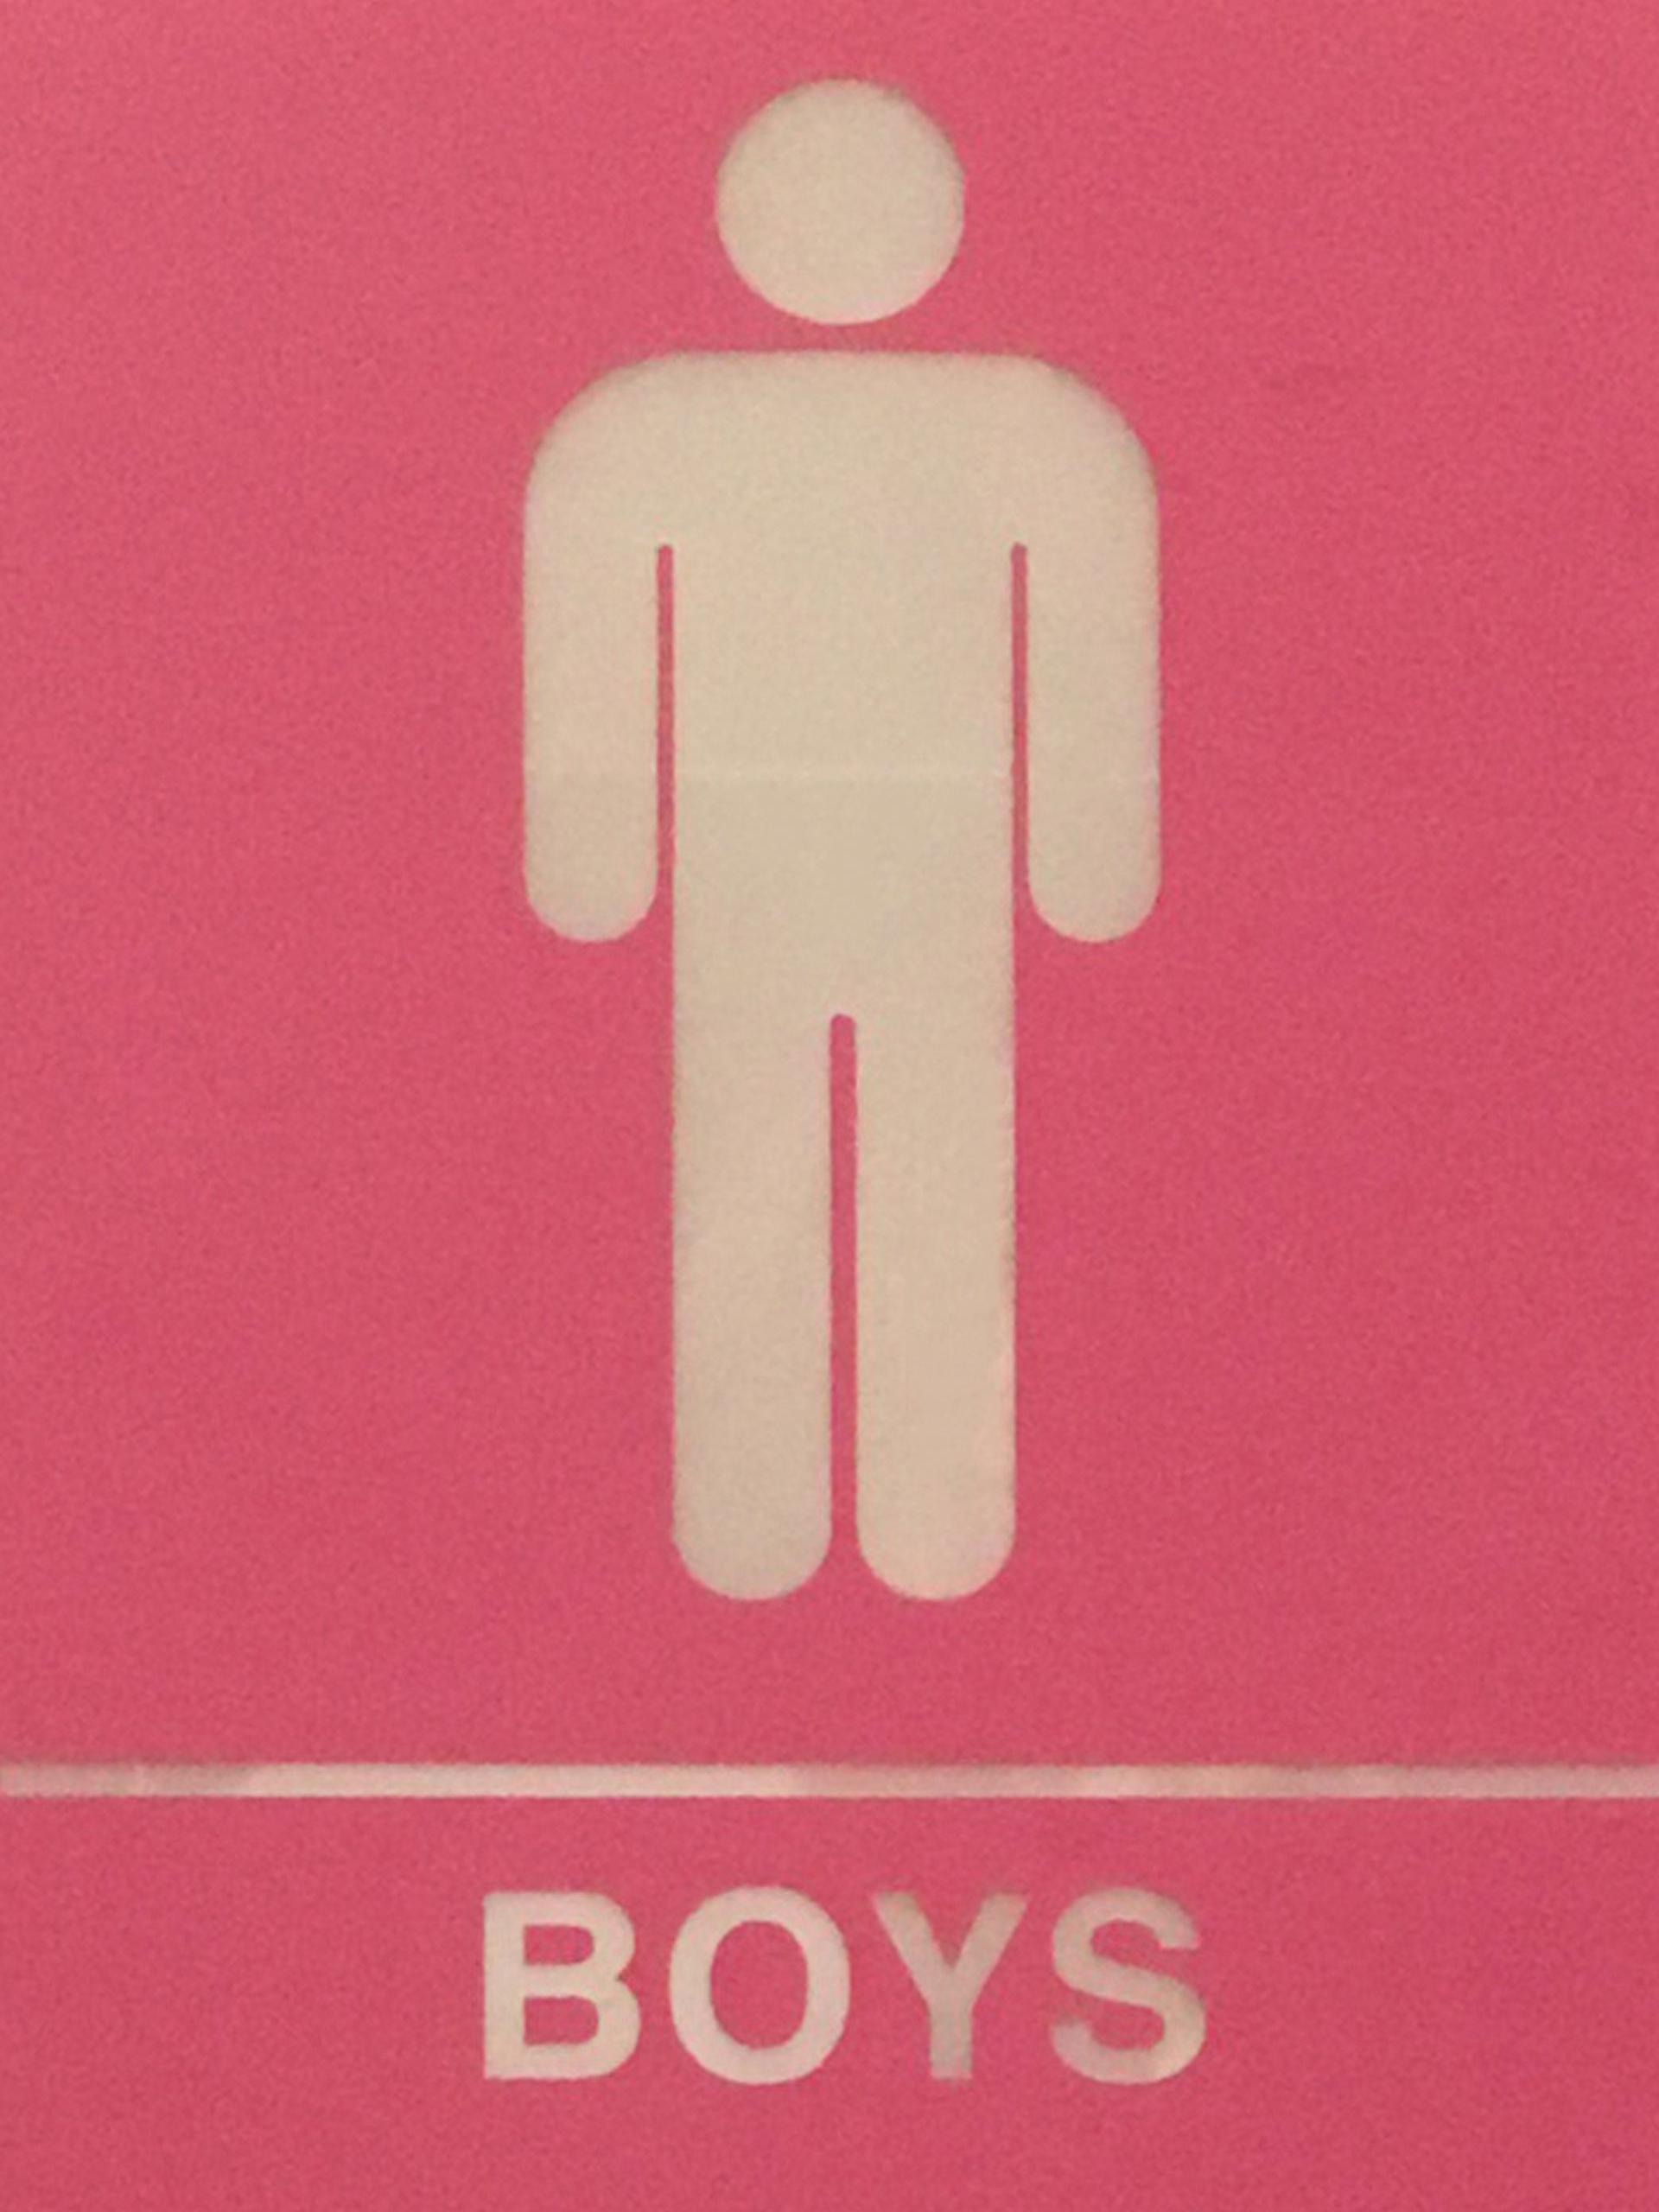 BoysBR.jpg